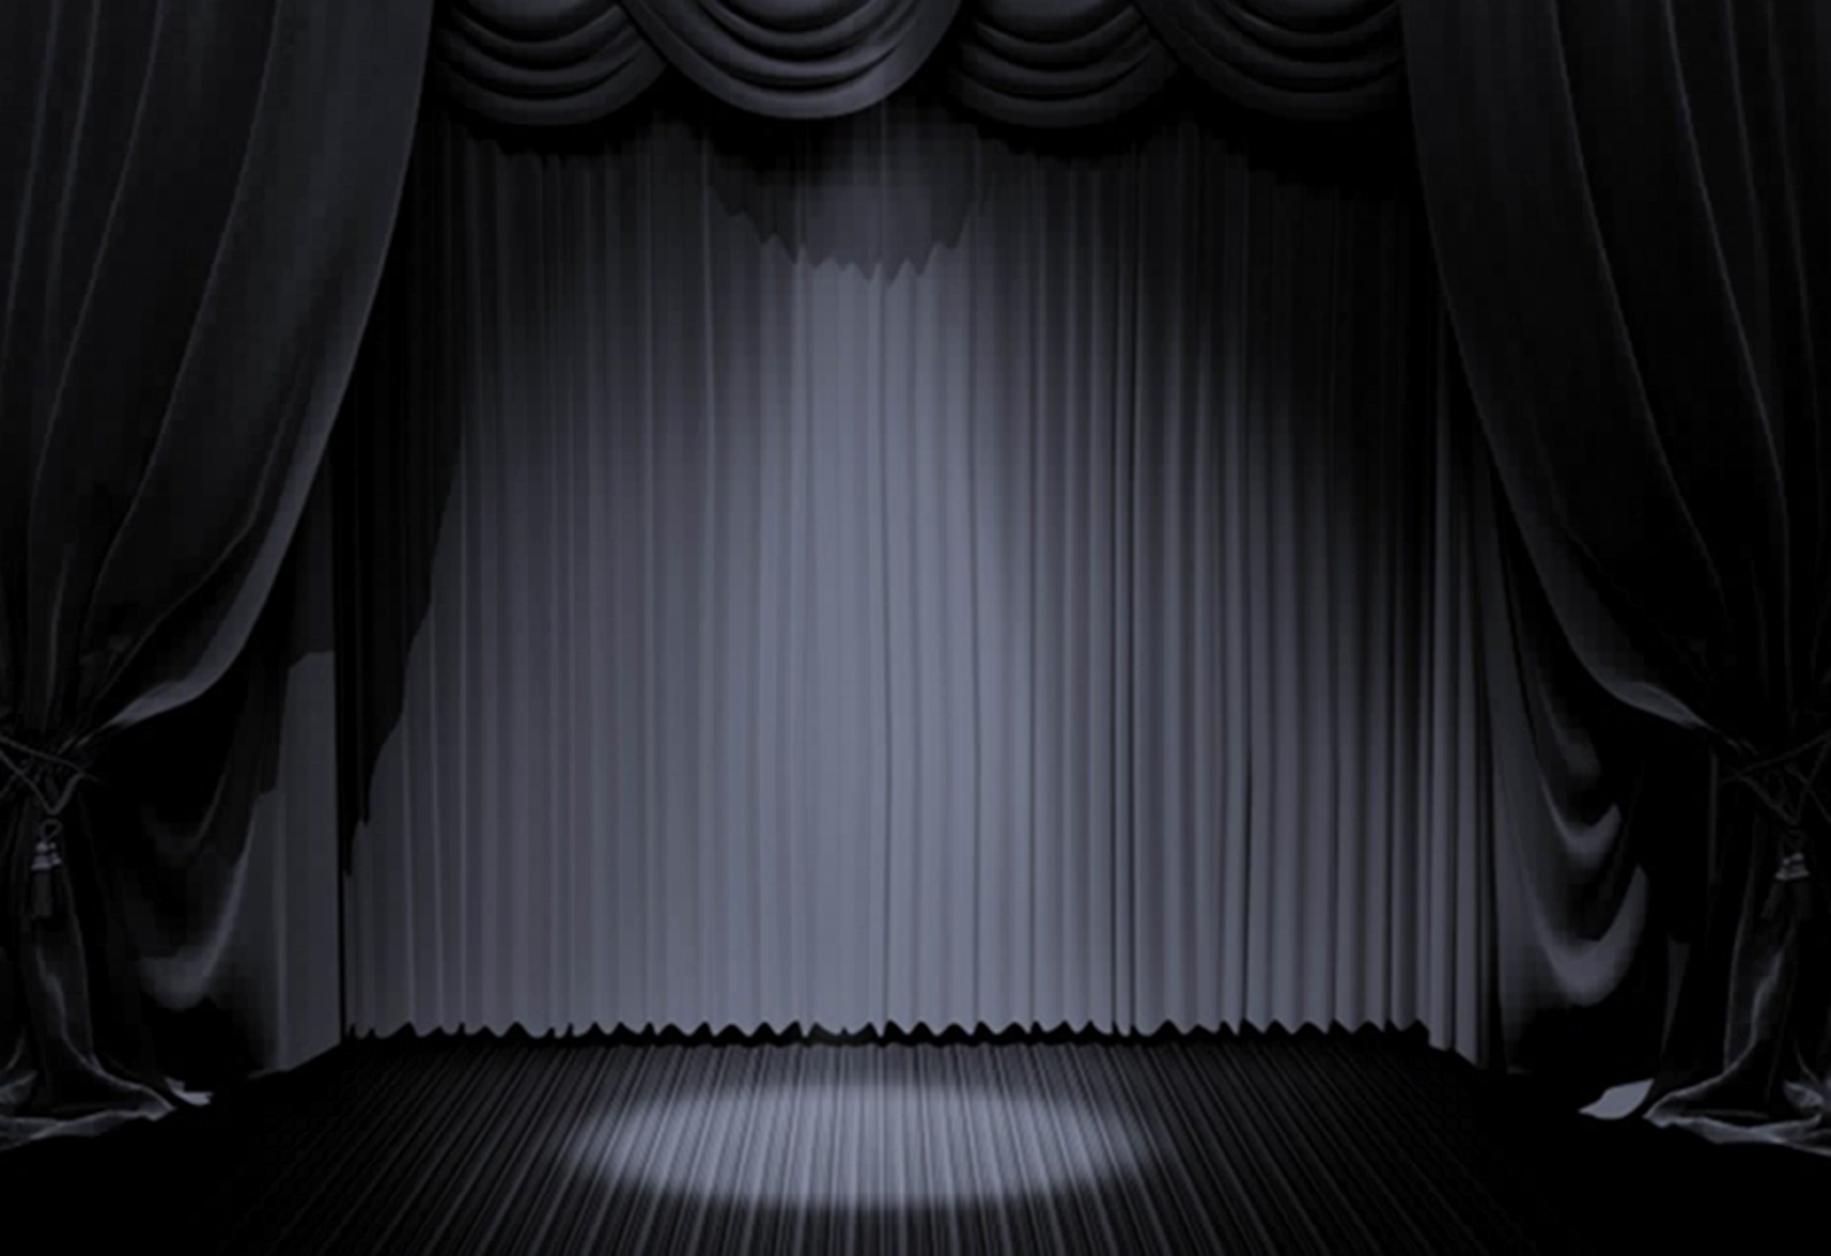 Black Curtain 3ziohauaok